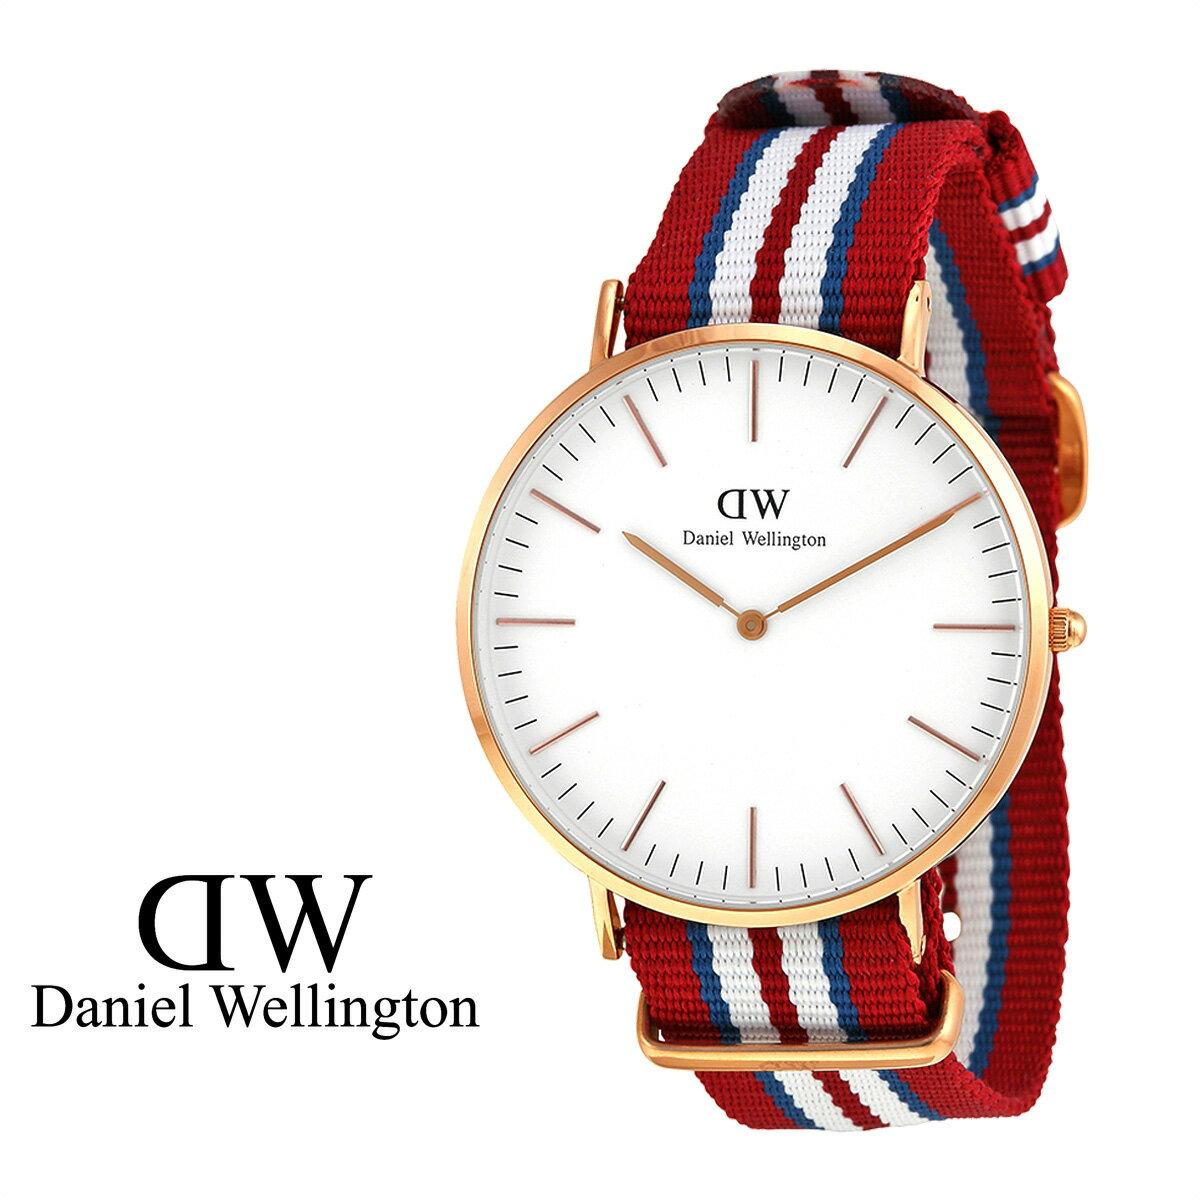 ダニエルウェリントン Daniel Wellington 40mm 腕時計 メンズ CLASSIC EXETER ローズゴールド 【S50】【返品不可】